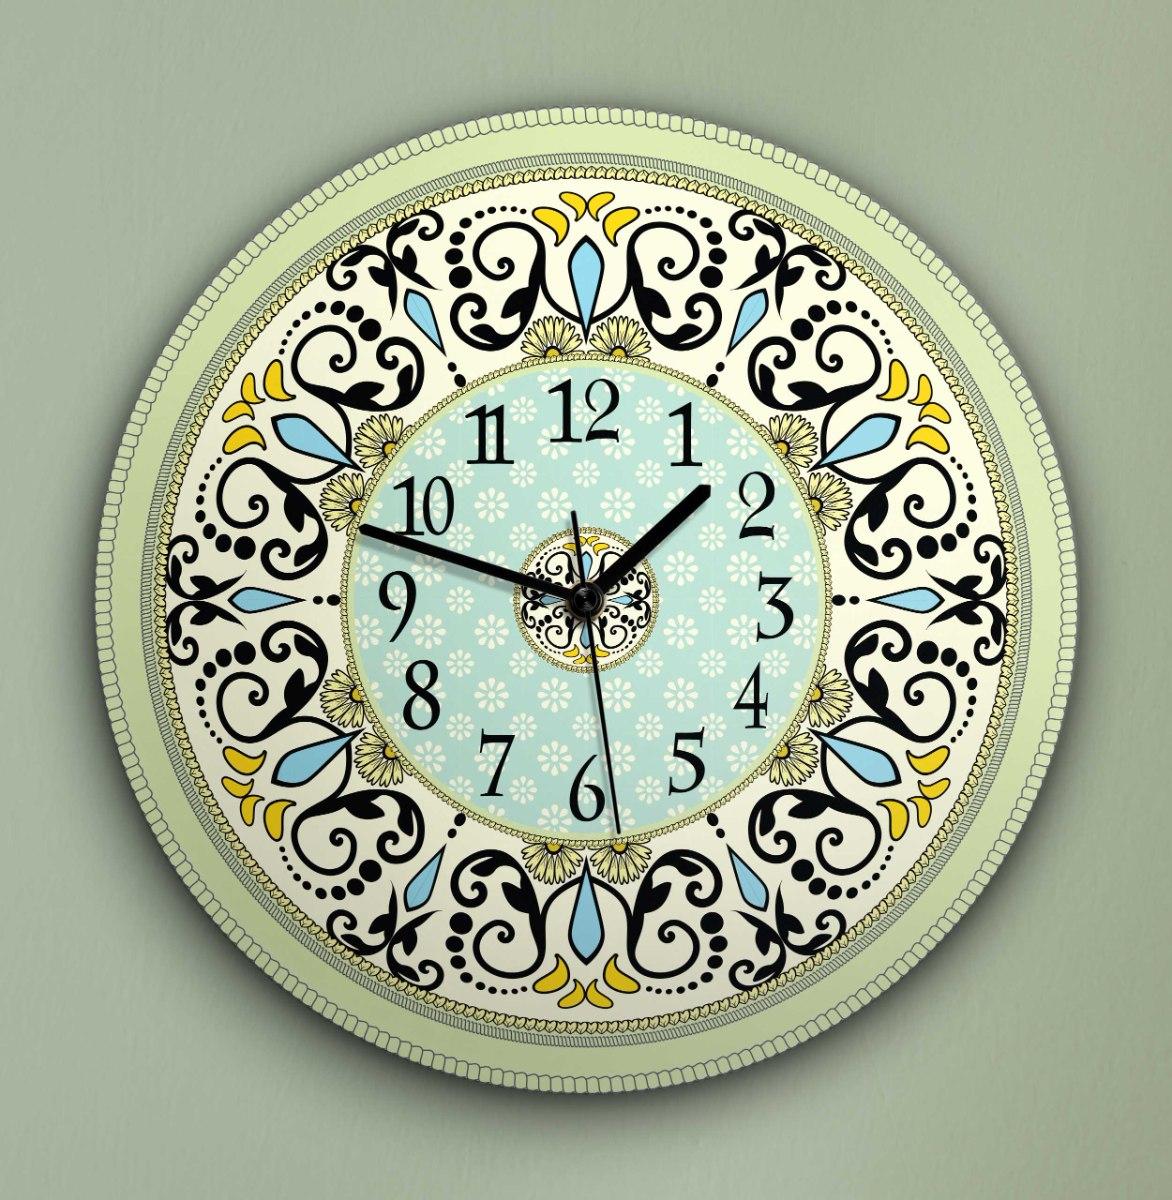 שעון קיר מעוצב, זכוכית אקרילית, דגם 2020  TIVA DESIGN